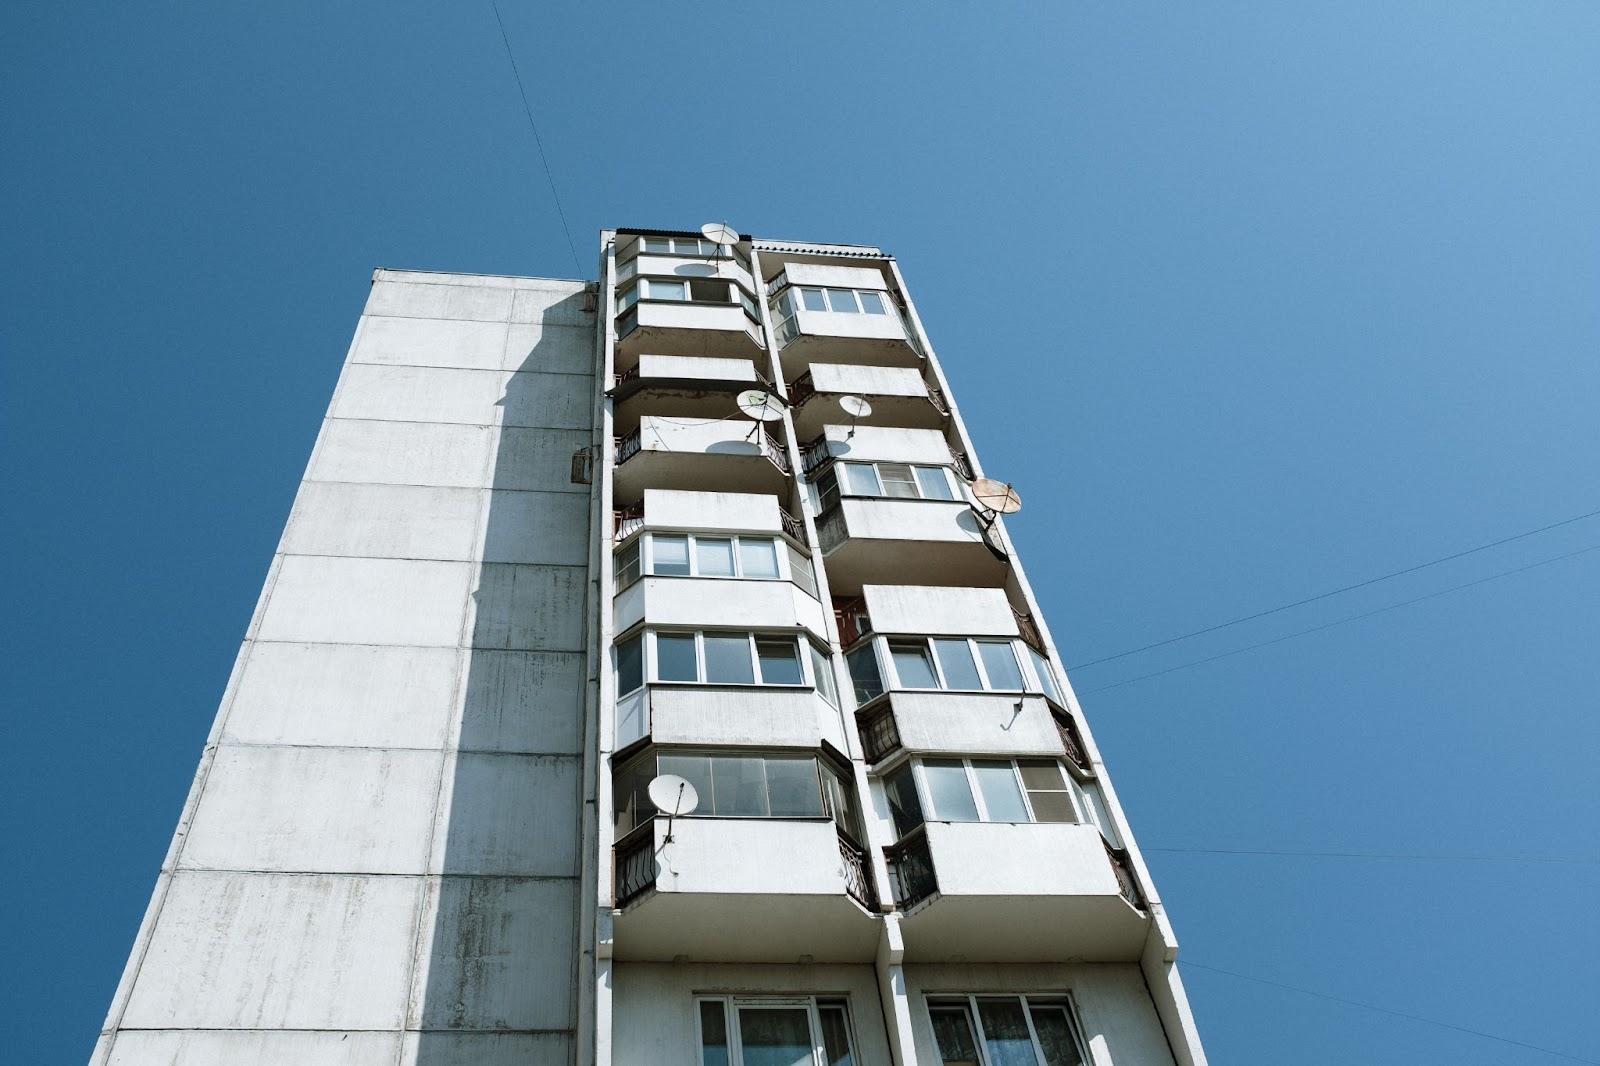 Правила перепланировок в панельных строениях